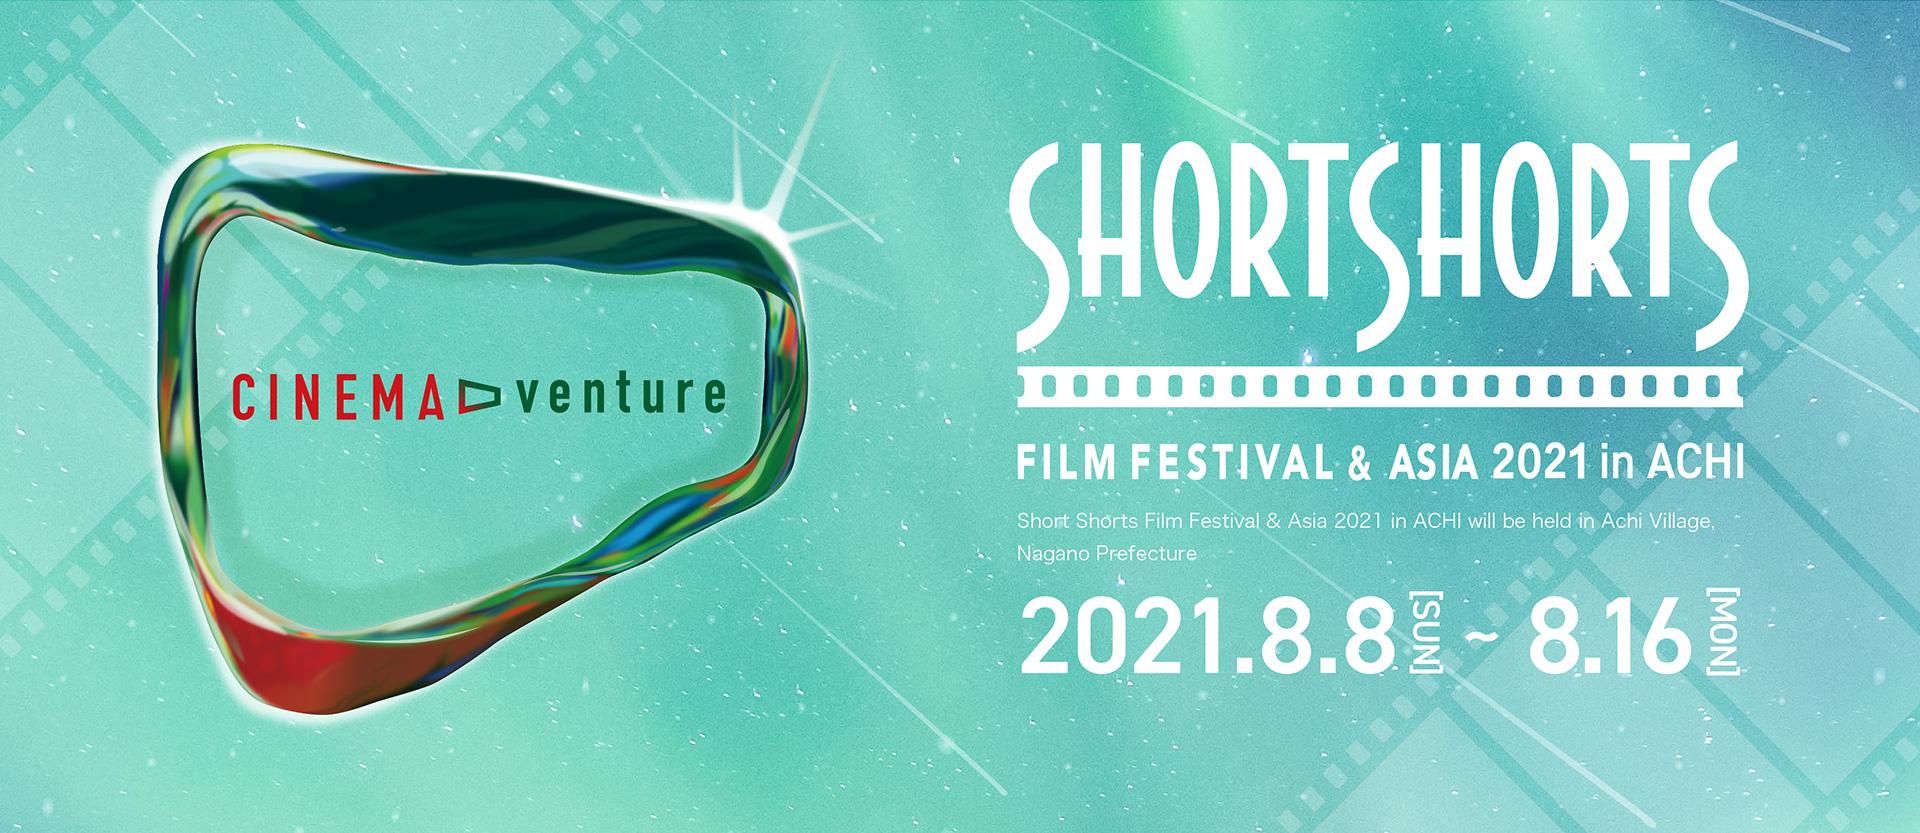 SHORTSHORTSショートショート フィルムフェスティバル & アジア 2020 in 阿智 -日本一の星空映画祭-(SSFF & ASIA 2020 in ACHI -日本一の星空映画祭-)2020.8.8~8.16in ACHI